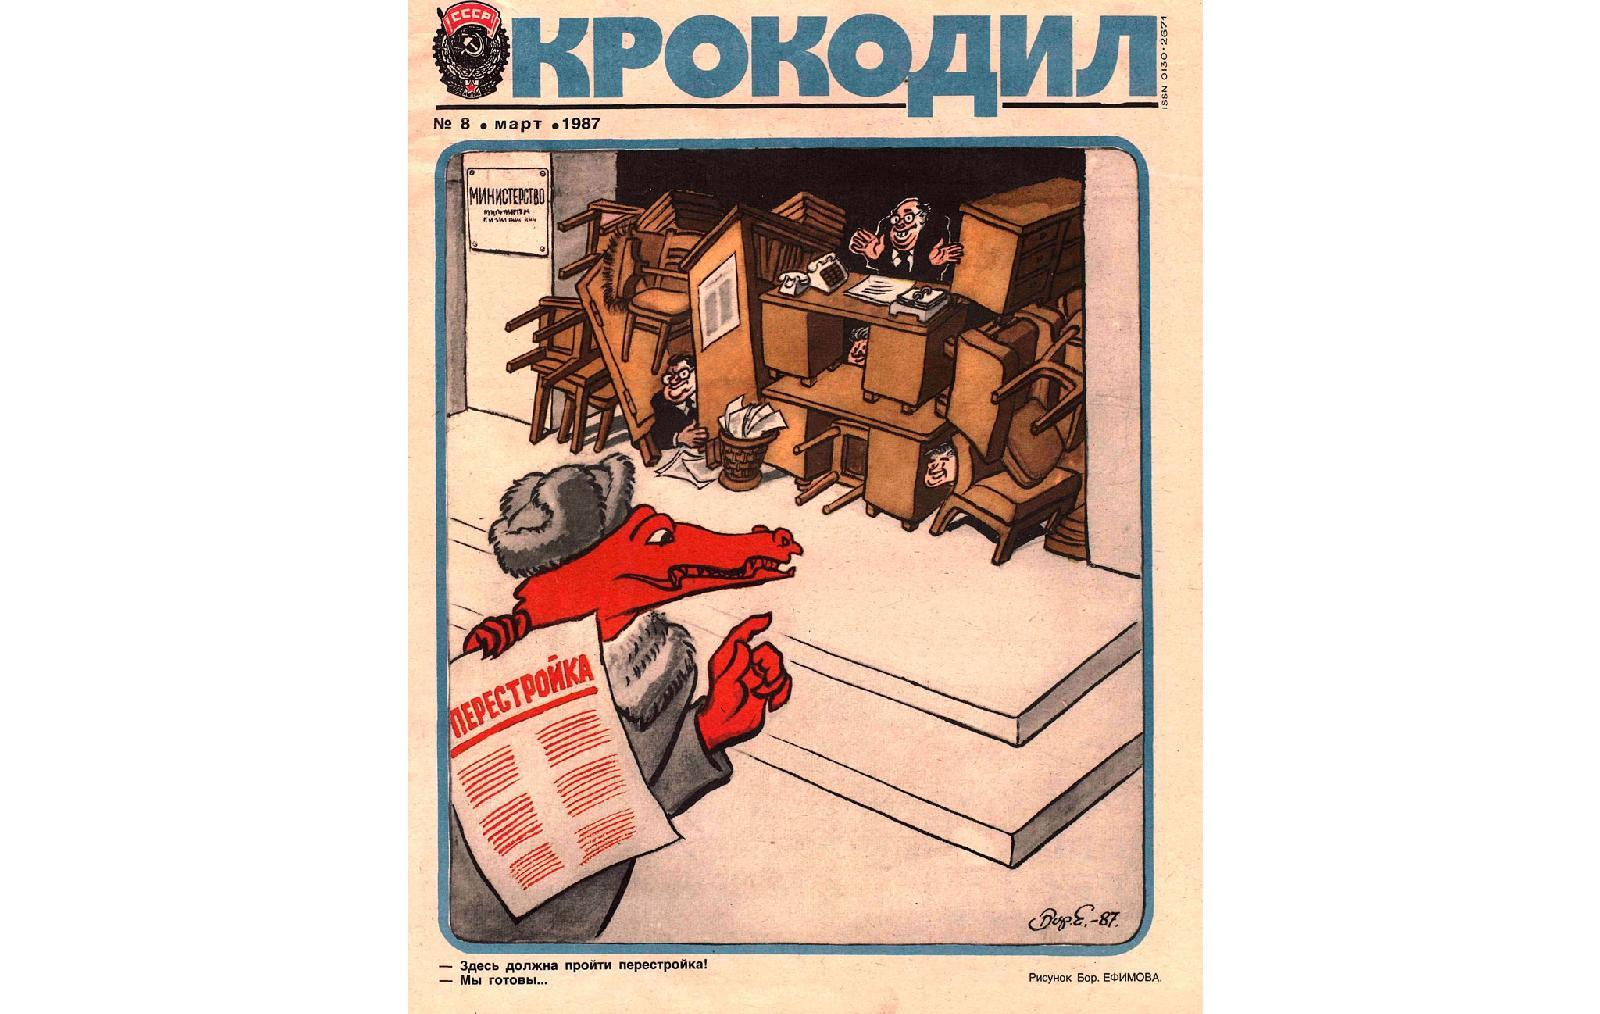 «Крокодил» №8, 1987 год. Художник: Бор. Ефимов